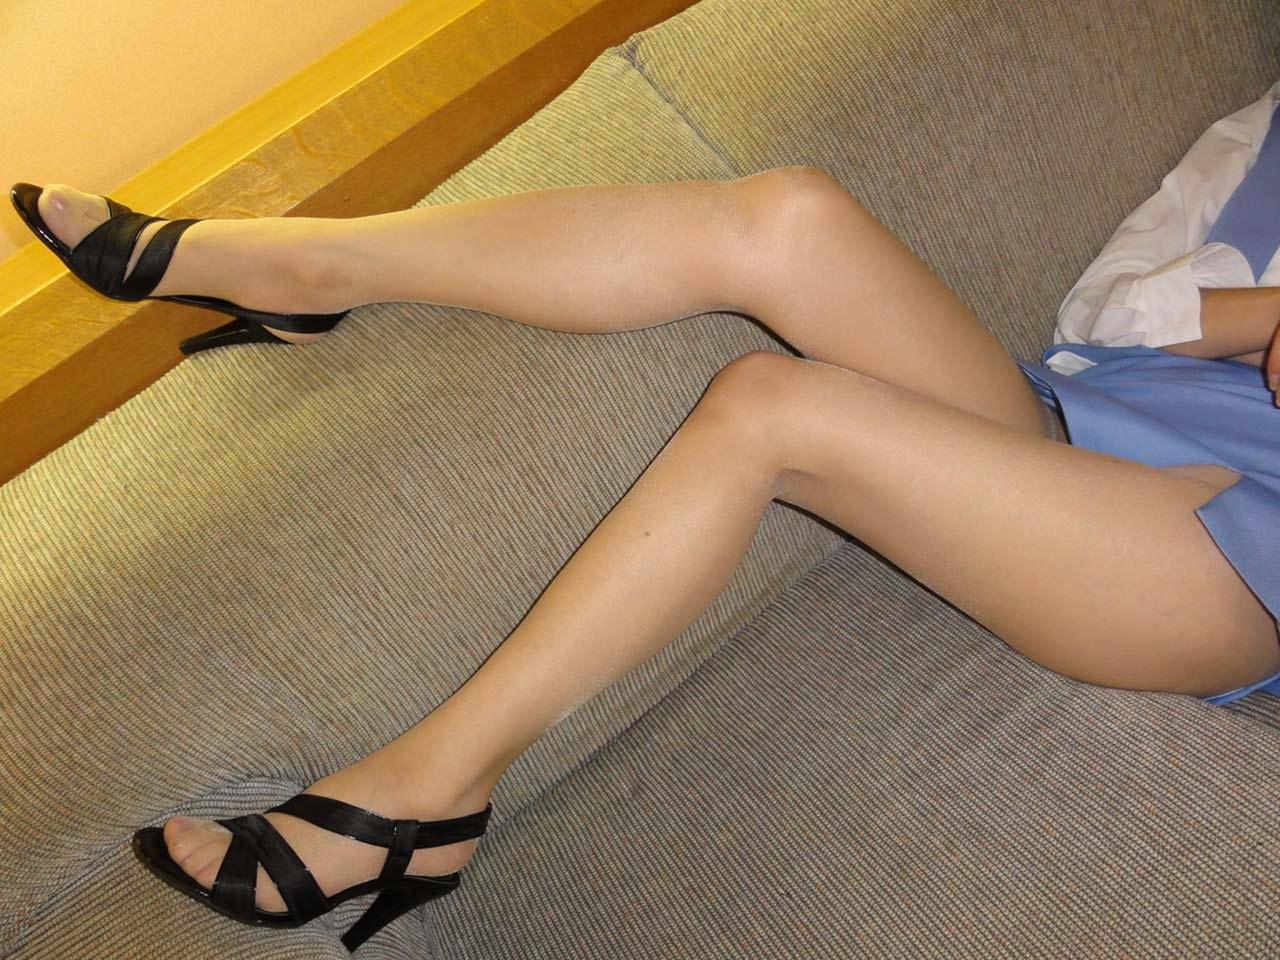 美脚OLのタイトスカートに視線が行くエロ画像1枚目